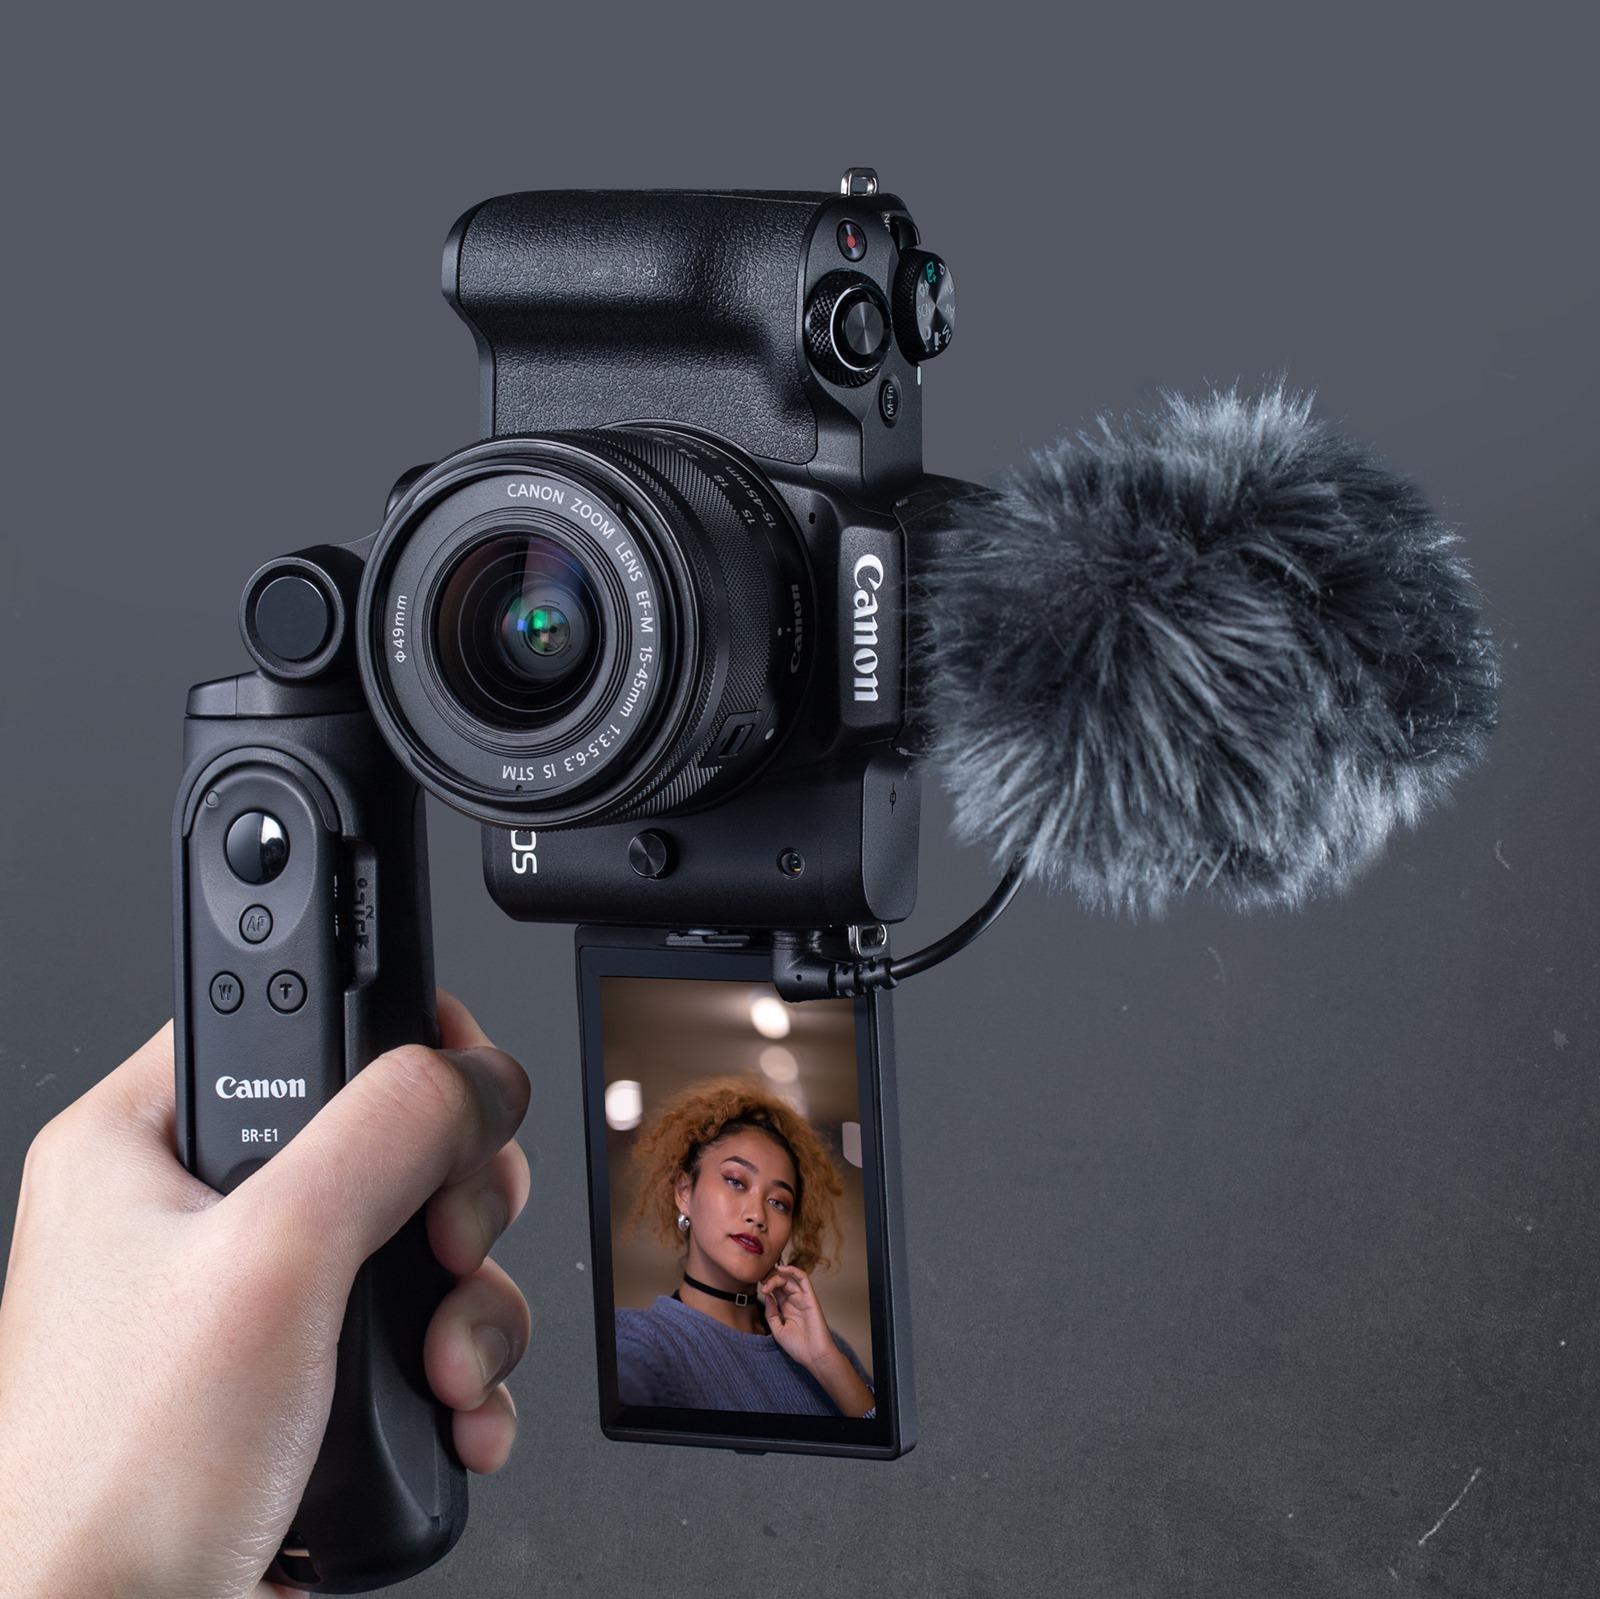 Canon 可交換式鏡頭數位相機 (DILC) 連續十八年蟬聯全球市佔第一 強化擴展 EOS 系列相機 搭配 118 款 RF / EF 系列鏡頭 產品陣容堅強搭配突破性創新技術 深獲忠實用戶支持 @3C 達人廖阿輝